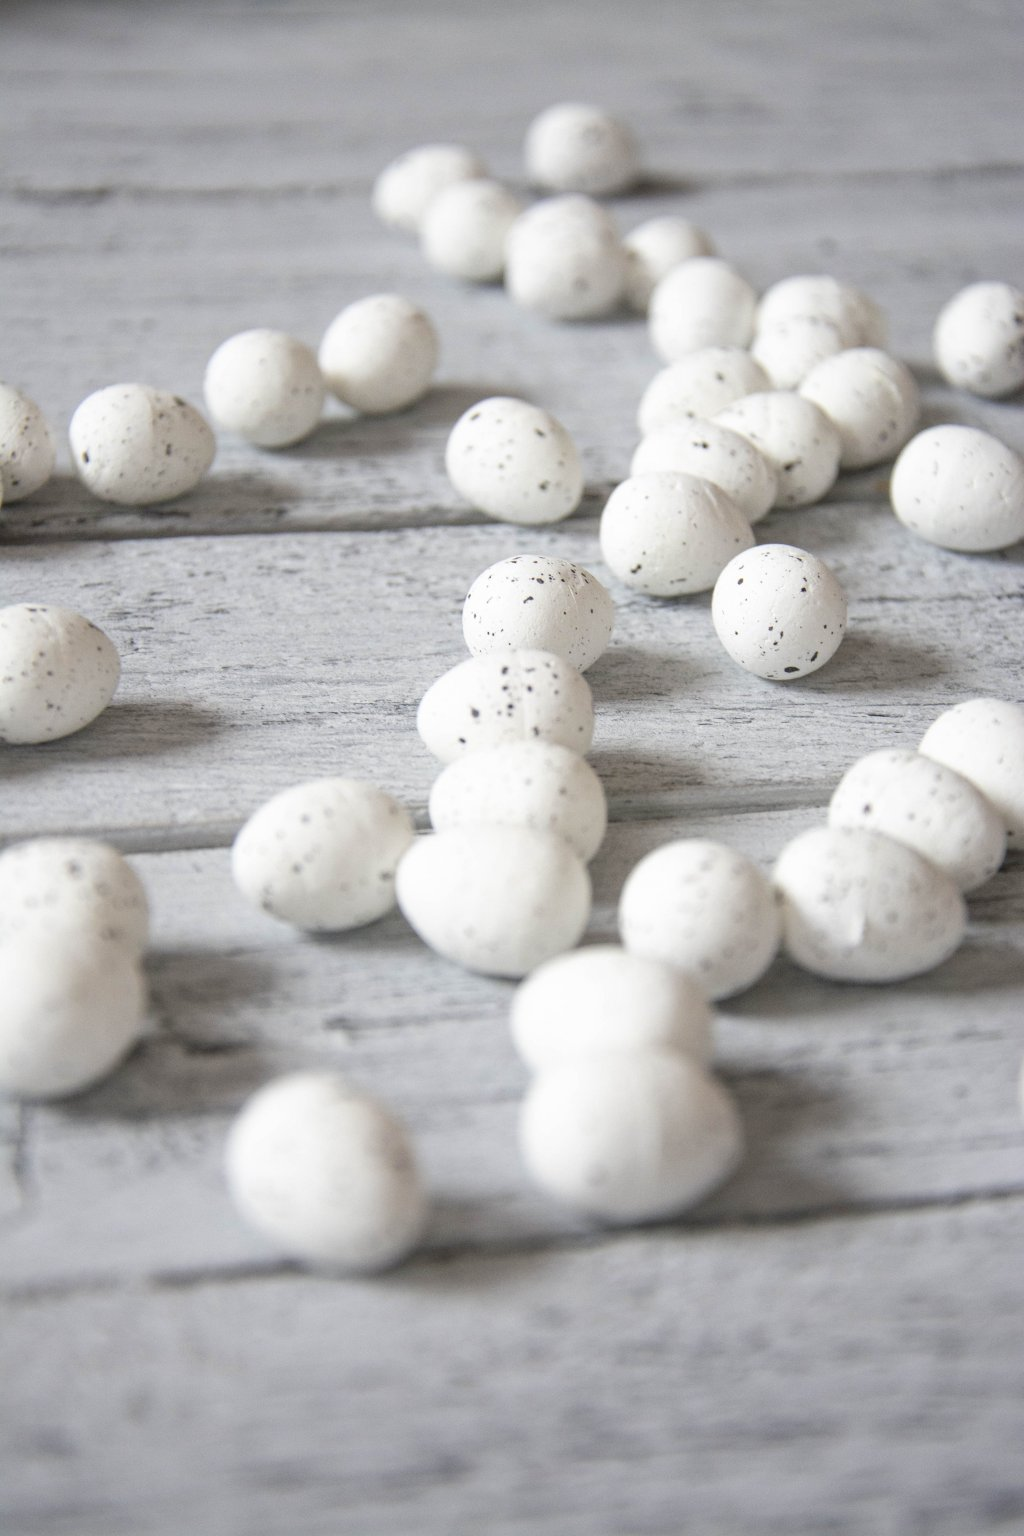 Velikonoční vajíčka křepelčí bílá